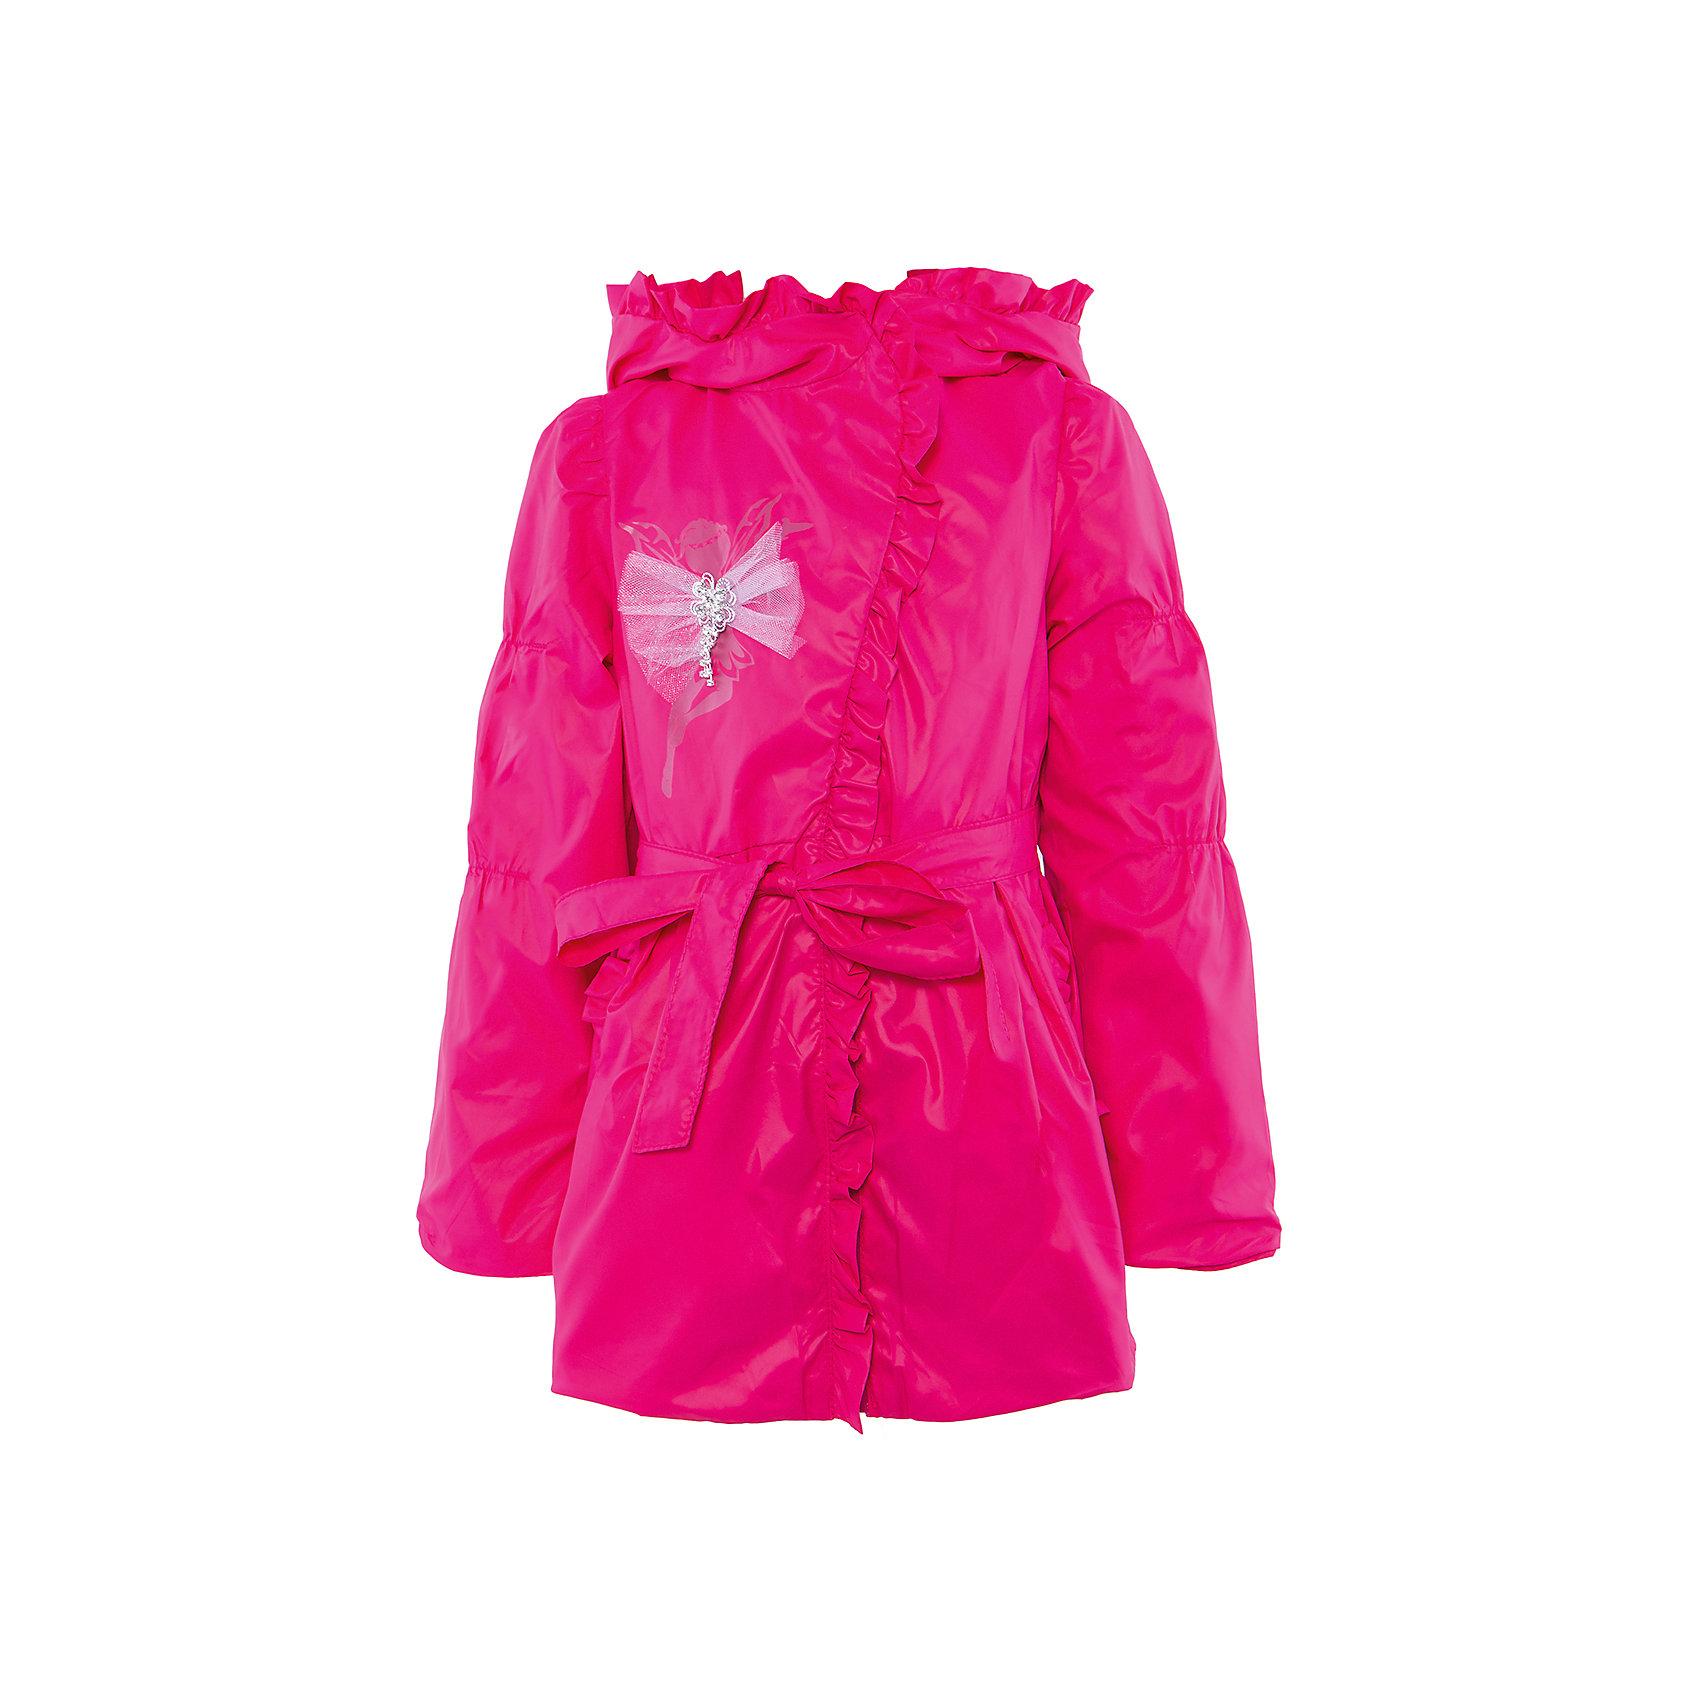 Ветровка для девочки АртельКуртка для девочки от торговой марки Артель &#13;<br>&#13;<br>Модная куртка отлично смотрится и хорошо сидит. Изделие выполнено из качественных материалов, имеет удобные карманы и капюшон. Отличный вариант для переменной погоды межсезонья!&#13;<br>Одежда от бренда Артель – это высокое качество по приемлемой цене и всегда продуманный дизайн. &#13;<br>&#13;<br>Особенности модели: &#13;<br>- цвет - розовый;&#13;<br>- наличие карманов;&#13;<br>- наличие капюшона;&#13;<br>- пояс с бантом;&#13;<br>- отделка рюшами;&#13;<br>- застежка-молния.&#13;<br>&#13;<br>Дополнительная информация:&#13;<br>&#13;<br>Состав: &#13;<br>- верх: YSD;&#13;<br>- подкладка: хлопок интерлок, тиси.&#13;<br>&#13;<br>Температурный режим: &#13;<br>от +5 °C до + 20 °C&#13;<br>&#13;<br>Куртку для девочки Артель (Artel) можно купить в нашем магазине.<br><br>Ширина мм: 356<br>Глубина мм: 10<br>Высота мм: 245<br>Вес г: 519<br>Цвет: розовый<br>Возраст от месяцев: 72<br>Возраст до месяцев: 84<br>Пол: Женский<br>Возраст: Детский<br>Размер: 122,110,116,104,128<br>SKU: 4496186